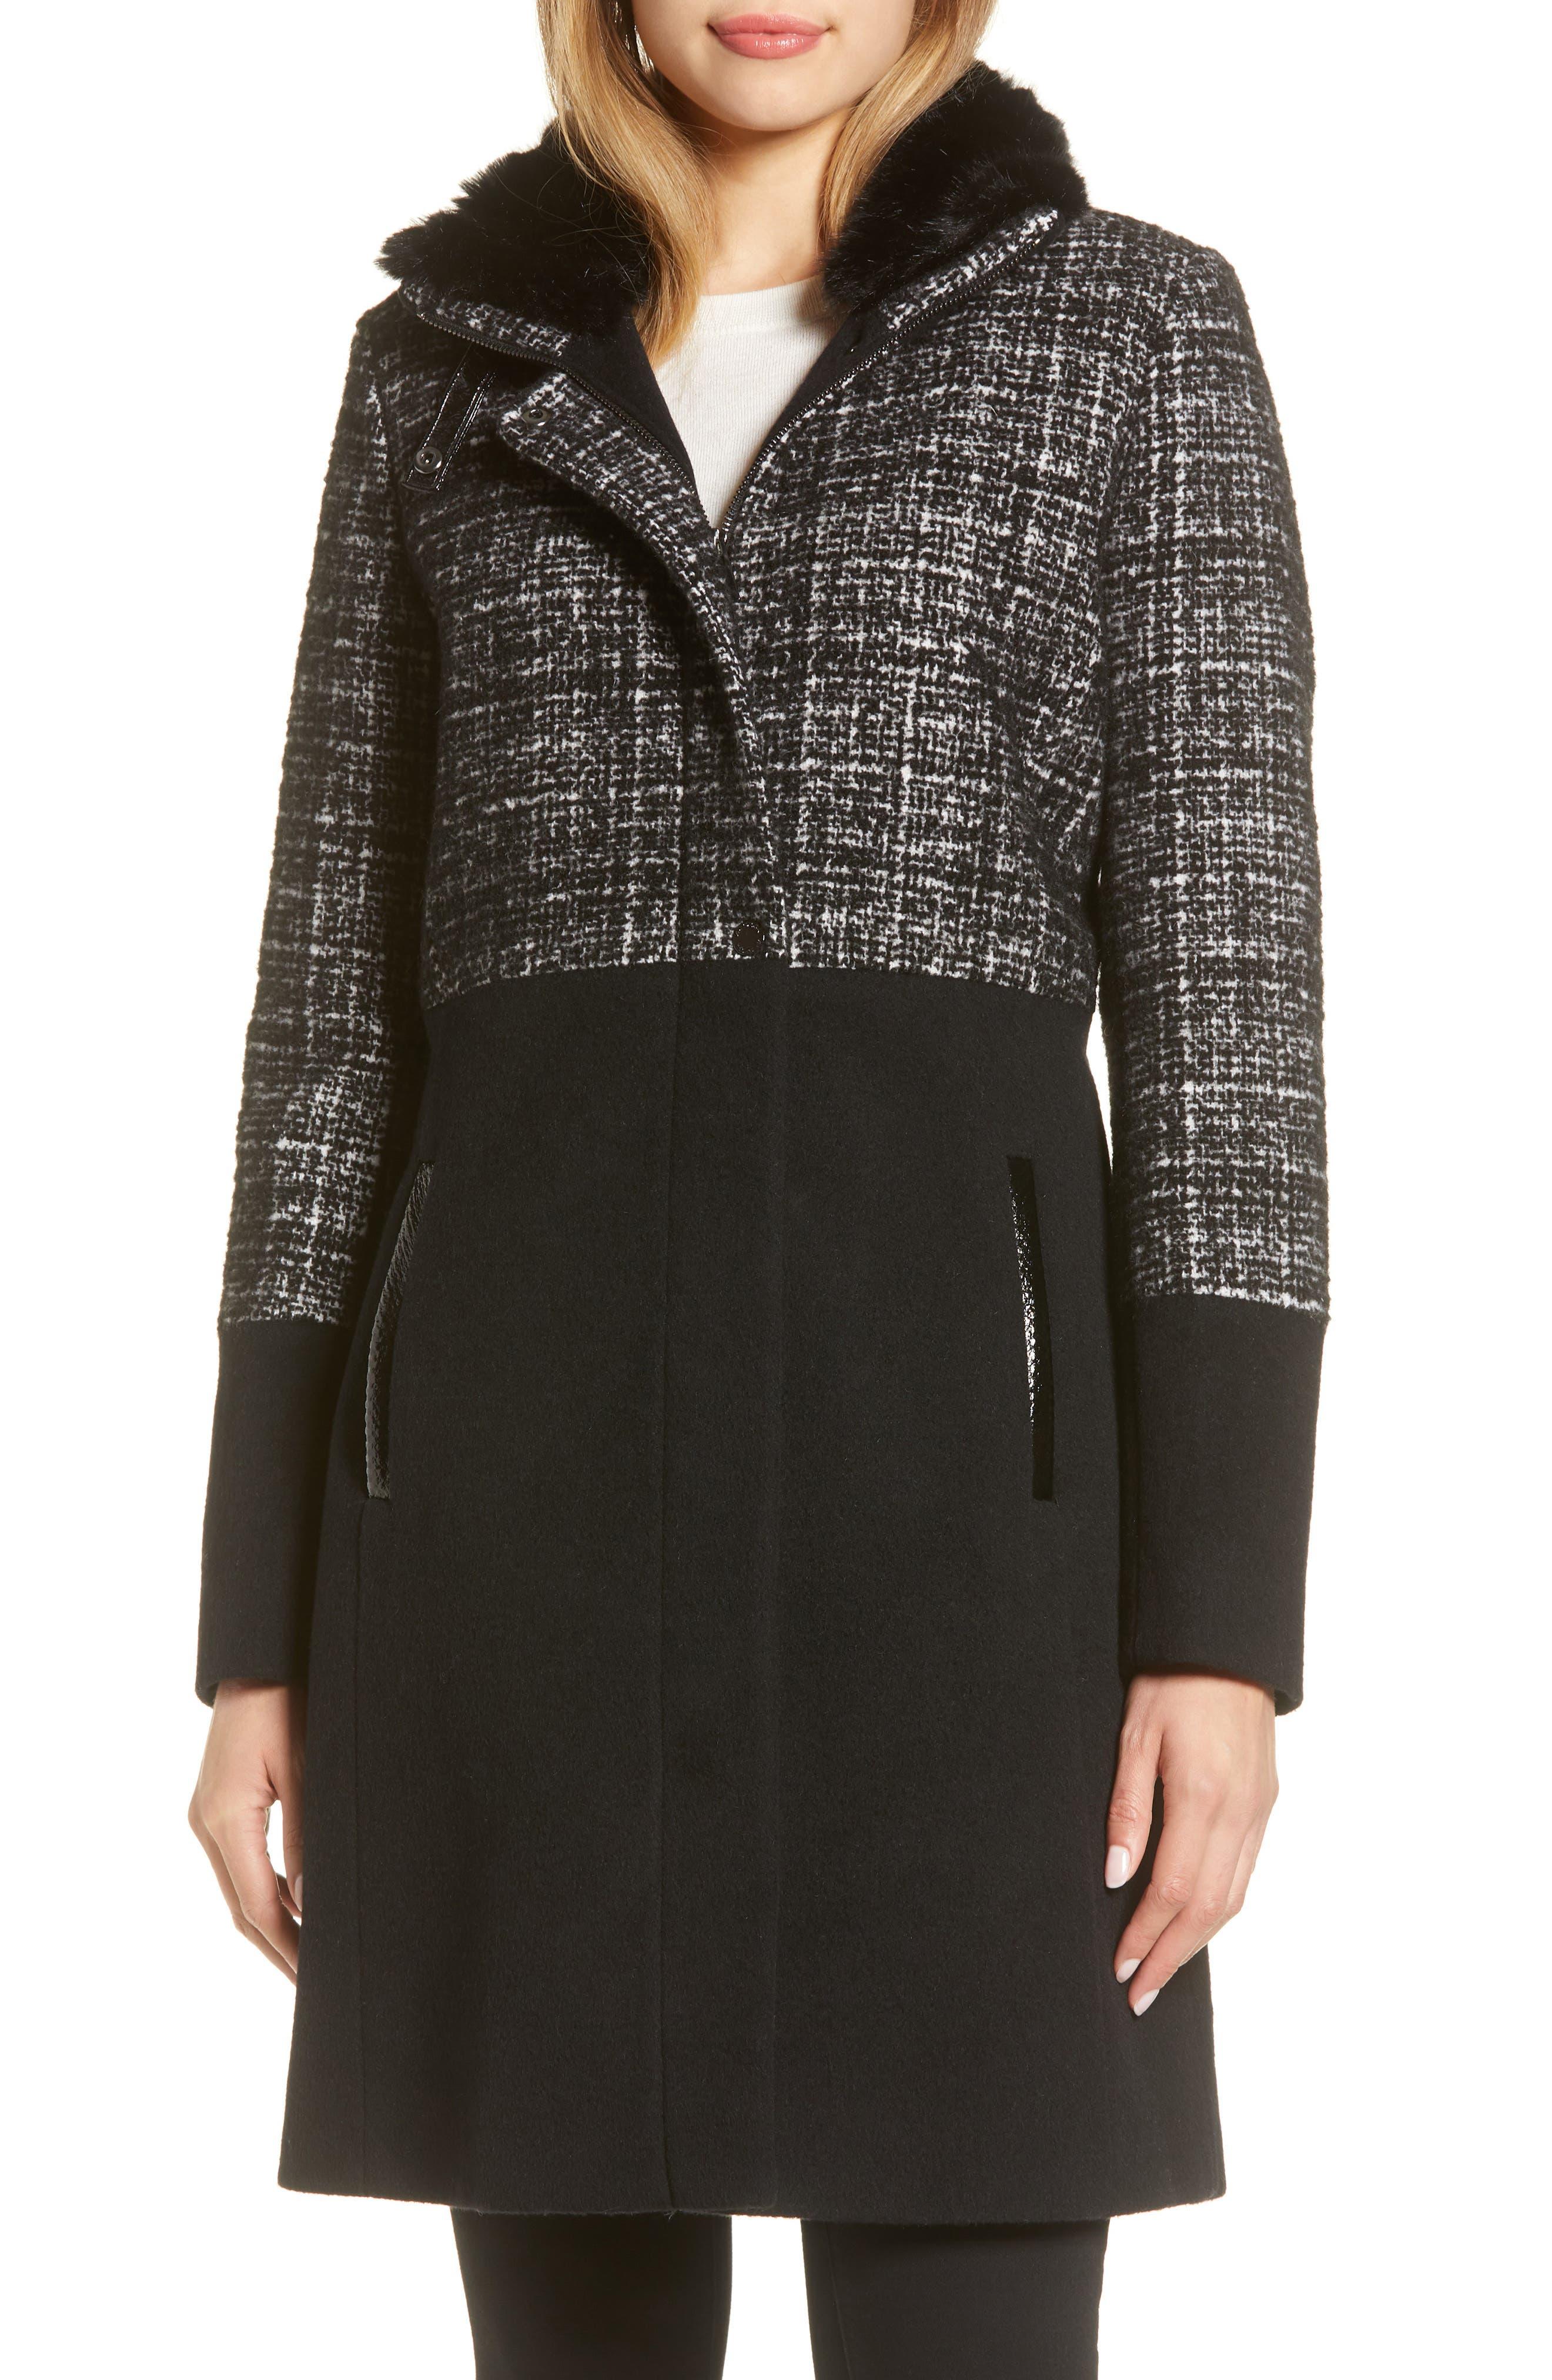 Image of Via Spiga Mixed Media Faux Fur Stand Collar Coat